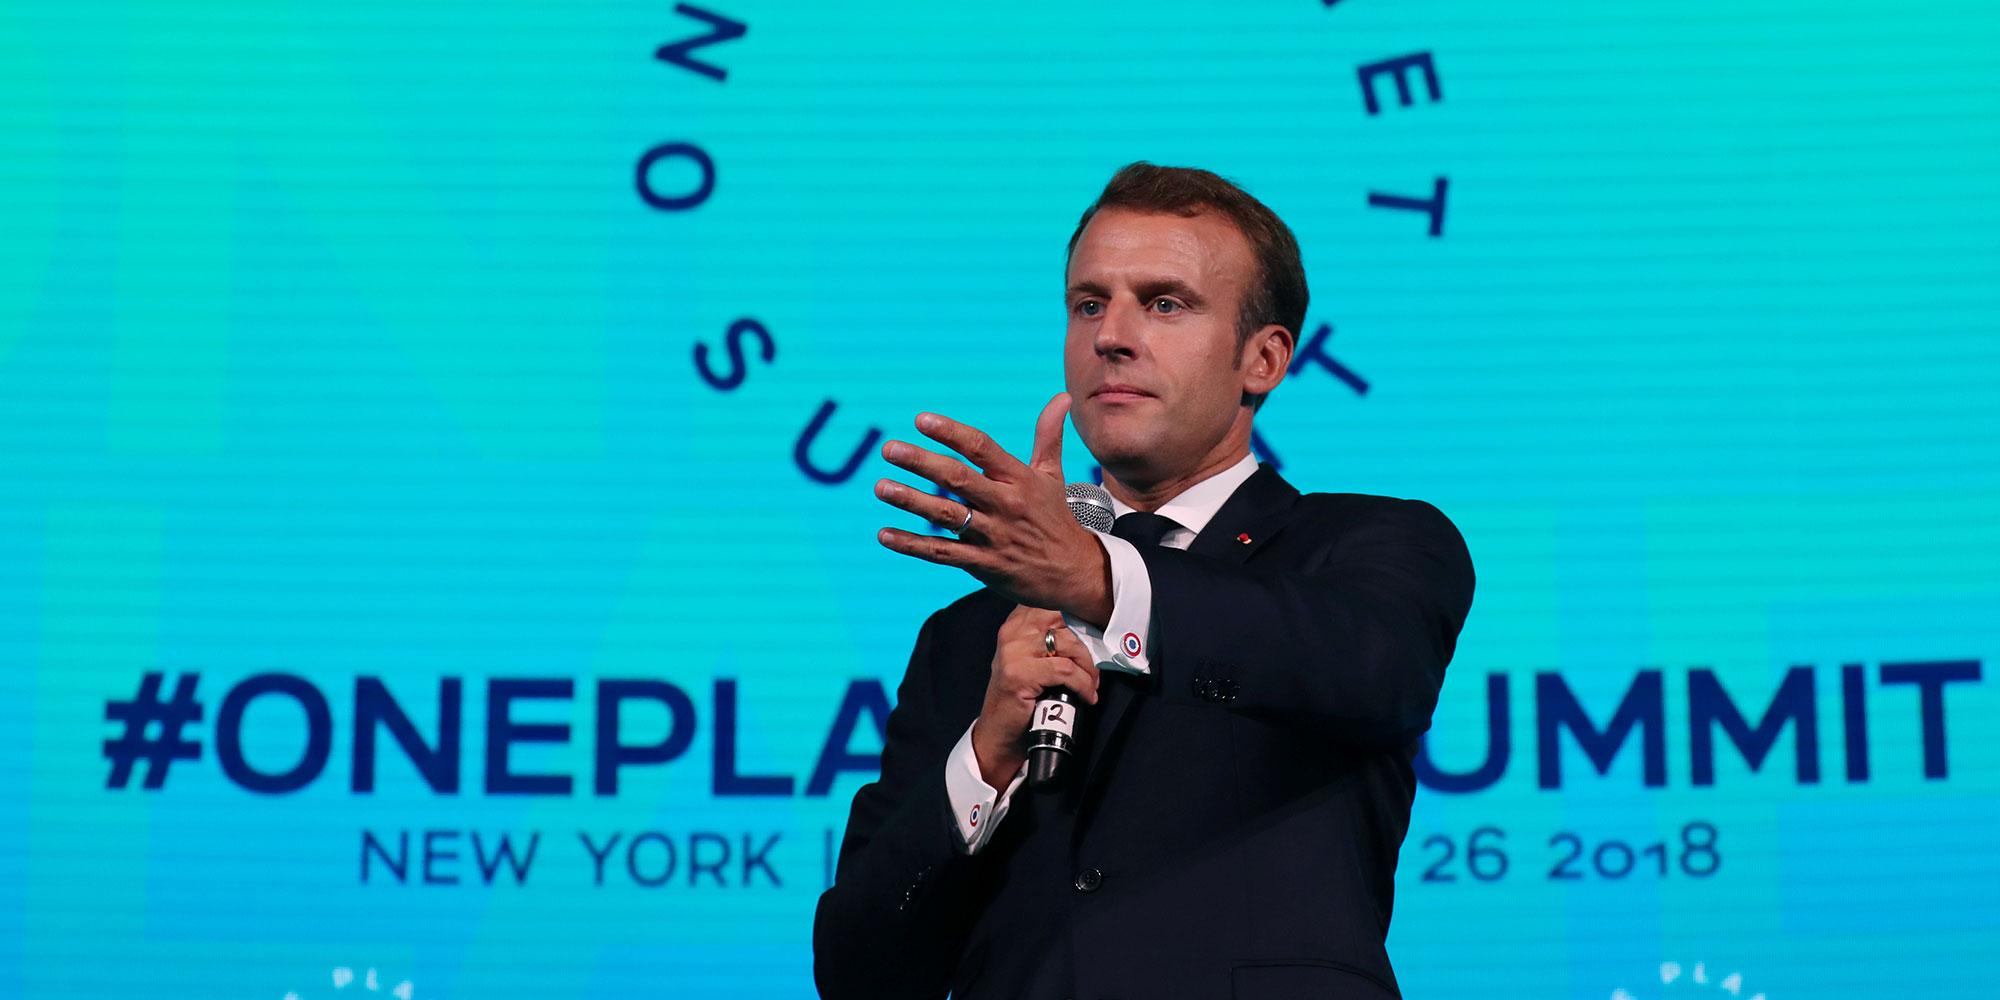 Sortie du glyphosate en 3 ans : comment Macron est revenu sur sa promesse